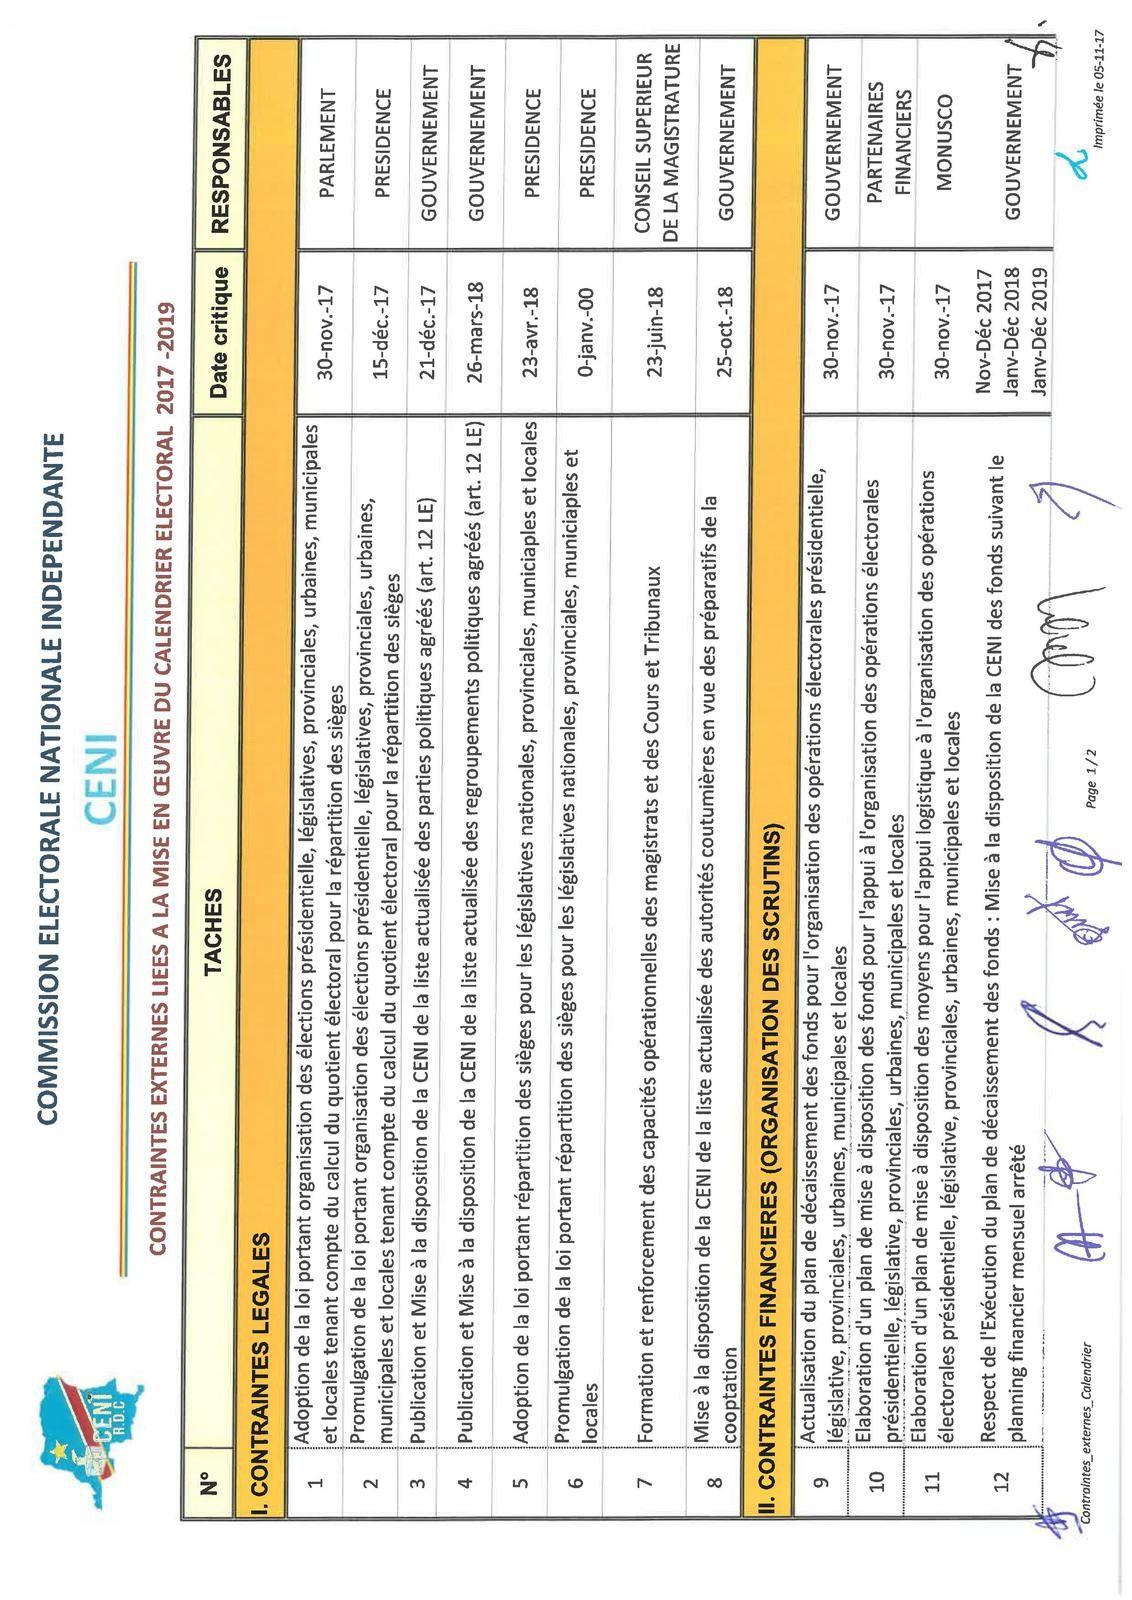 Document, le calendrier électoral complet publié par la CENI